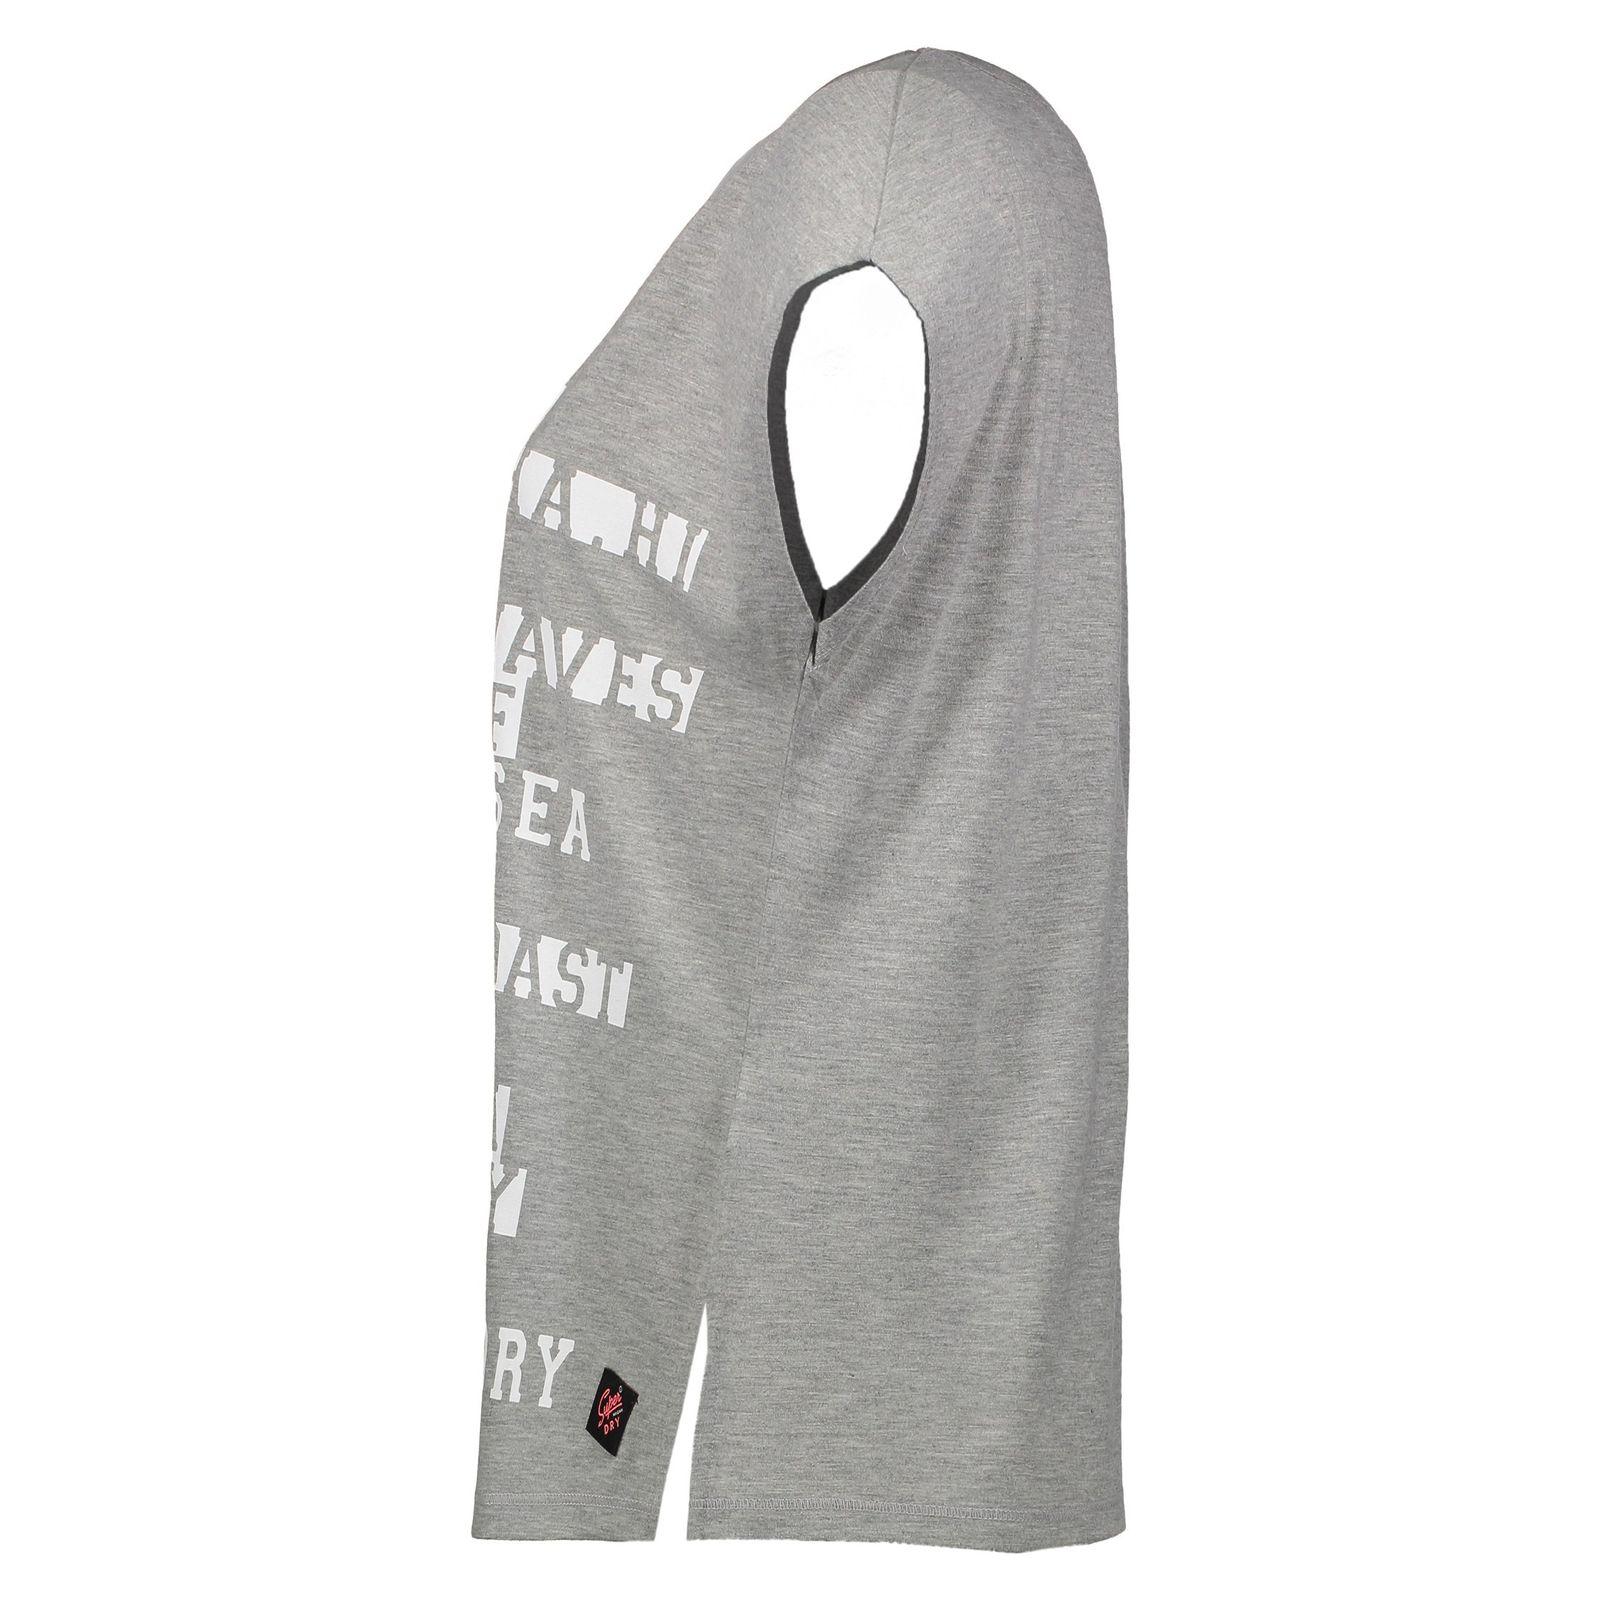 تی شرت یقه گرد زنانه Boxy Text - سوپردرای - طوسي روشن - 3